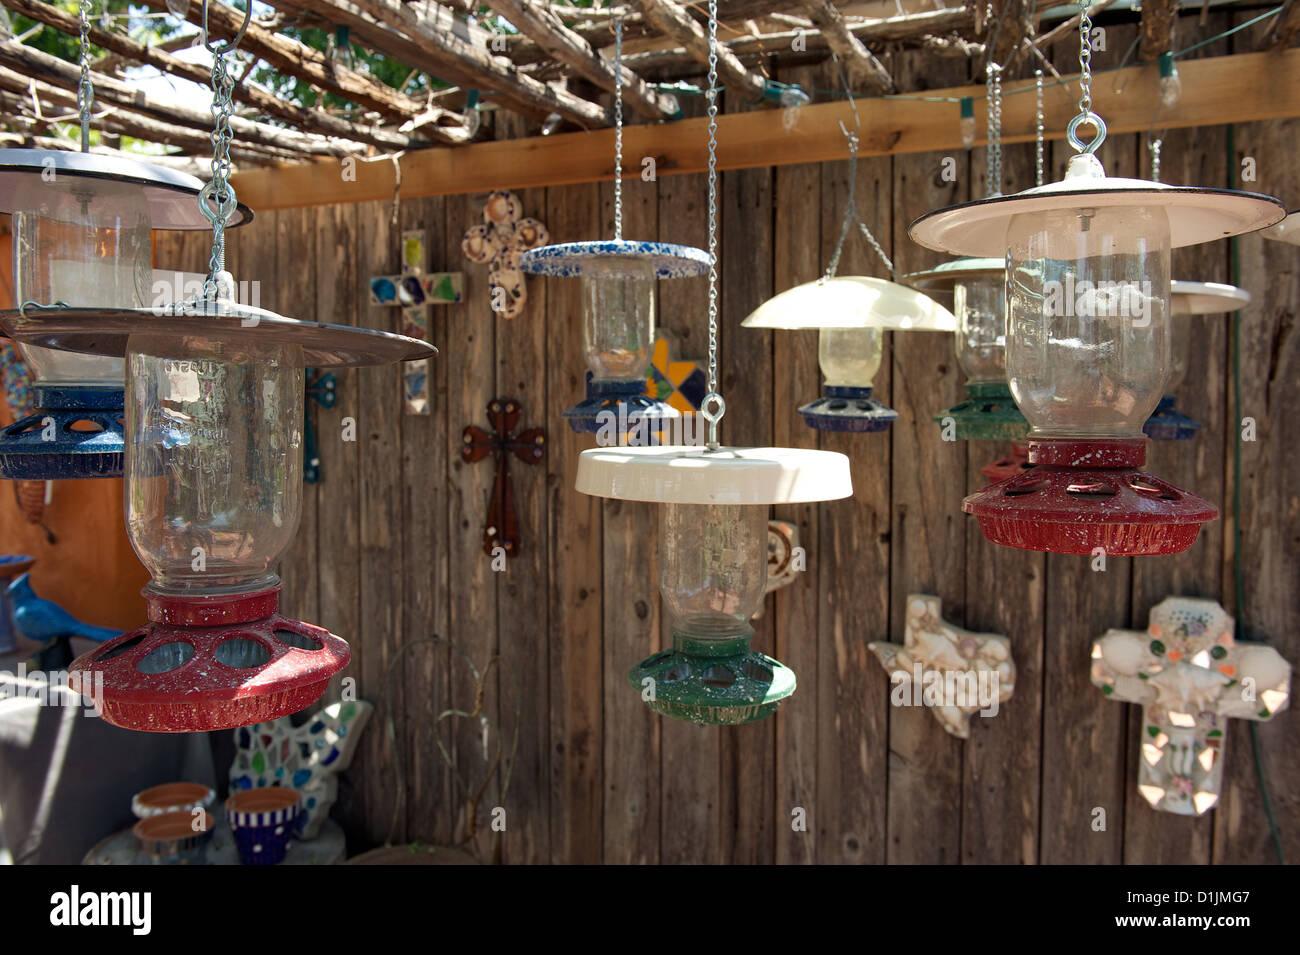 Lampes rétro suspendu à la vente à la ferme de poulet de Art Centre, San Angelo, Texas, US Photo Stock